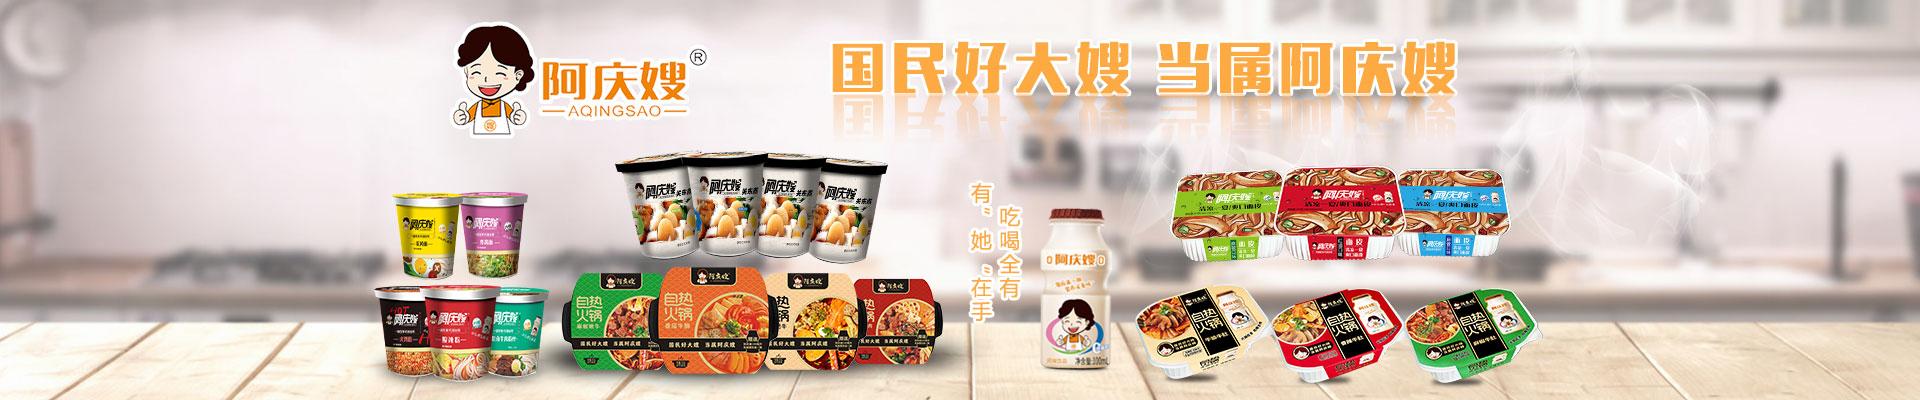 山东弘锦食品优德88免费送注册体验金